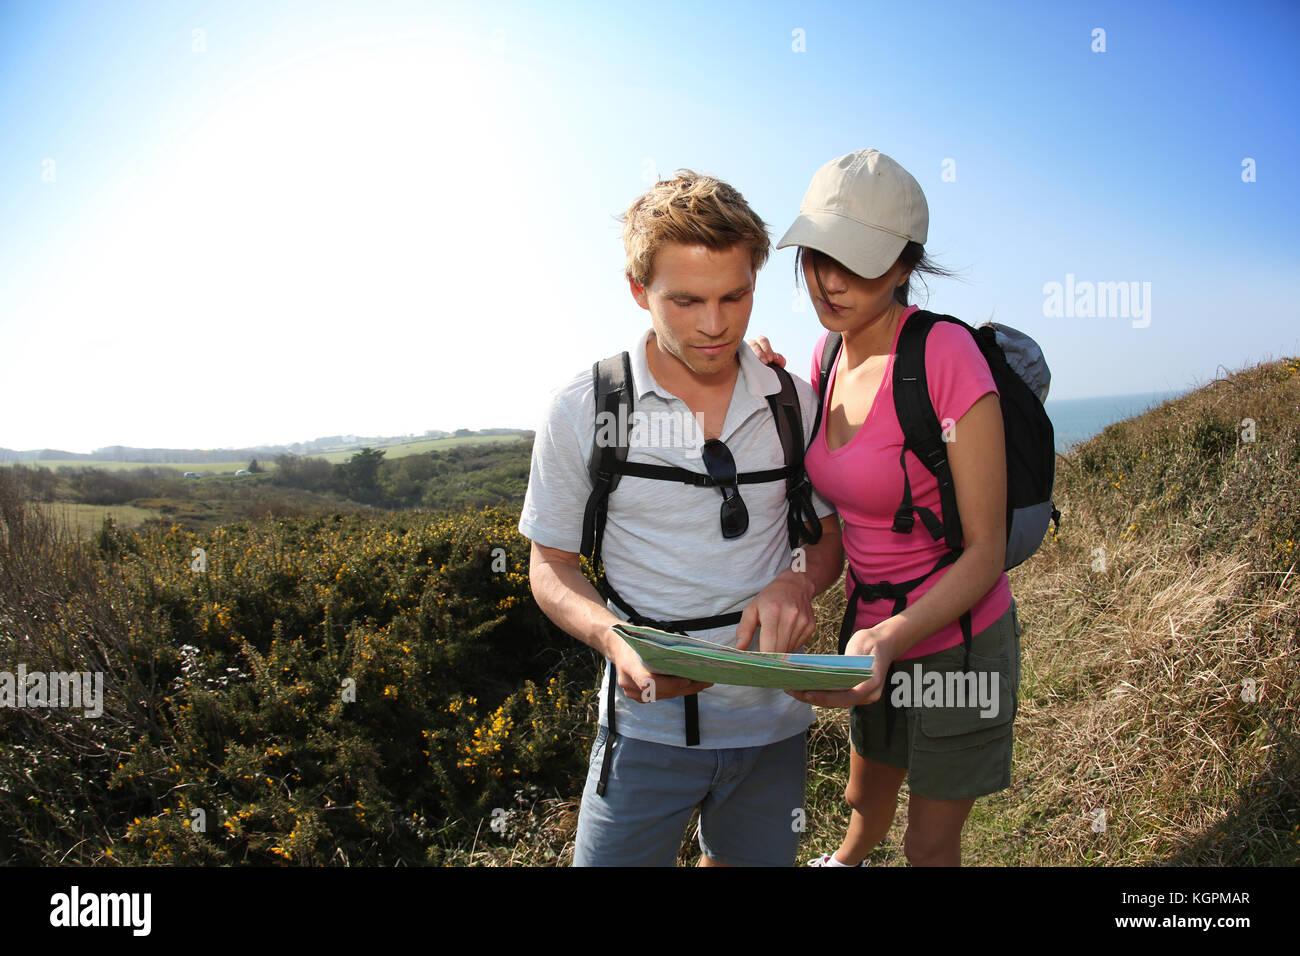 Gli escursionisti nel percorso del paese guardando la mappa Immagini Stock